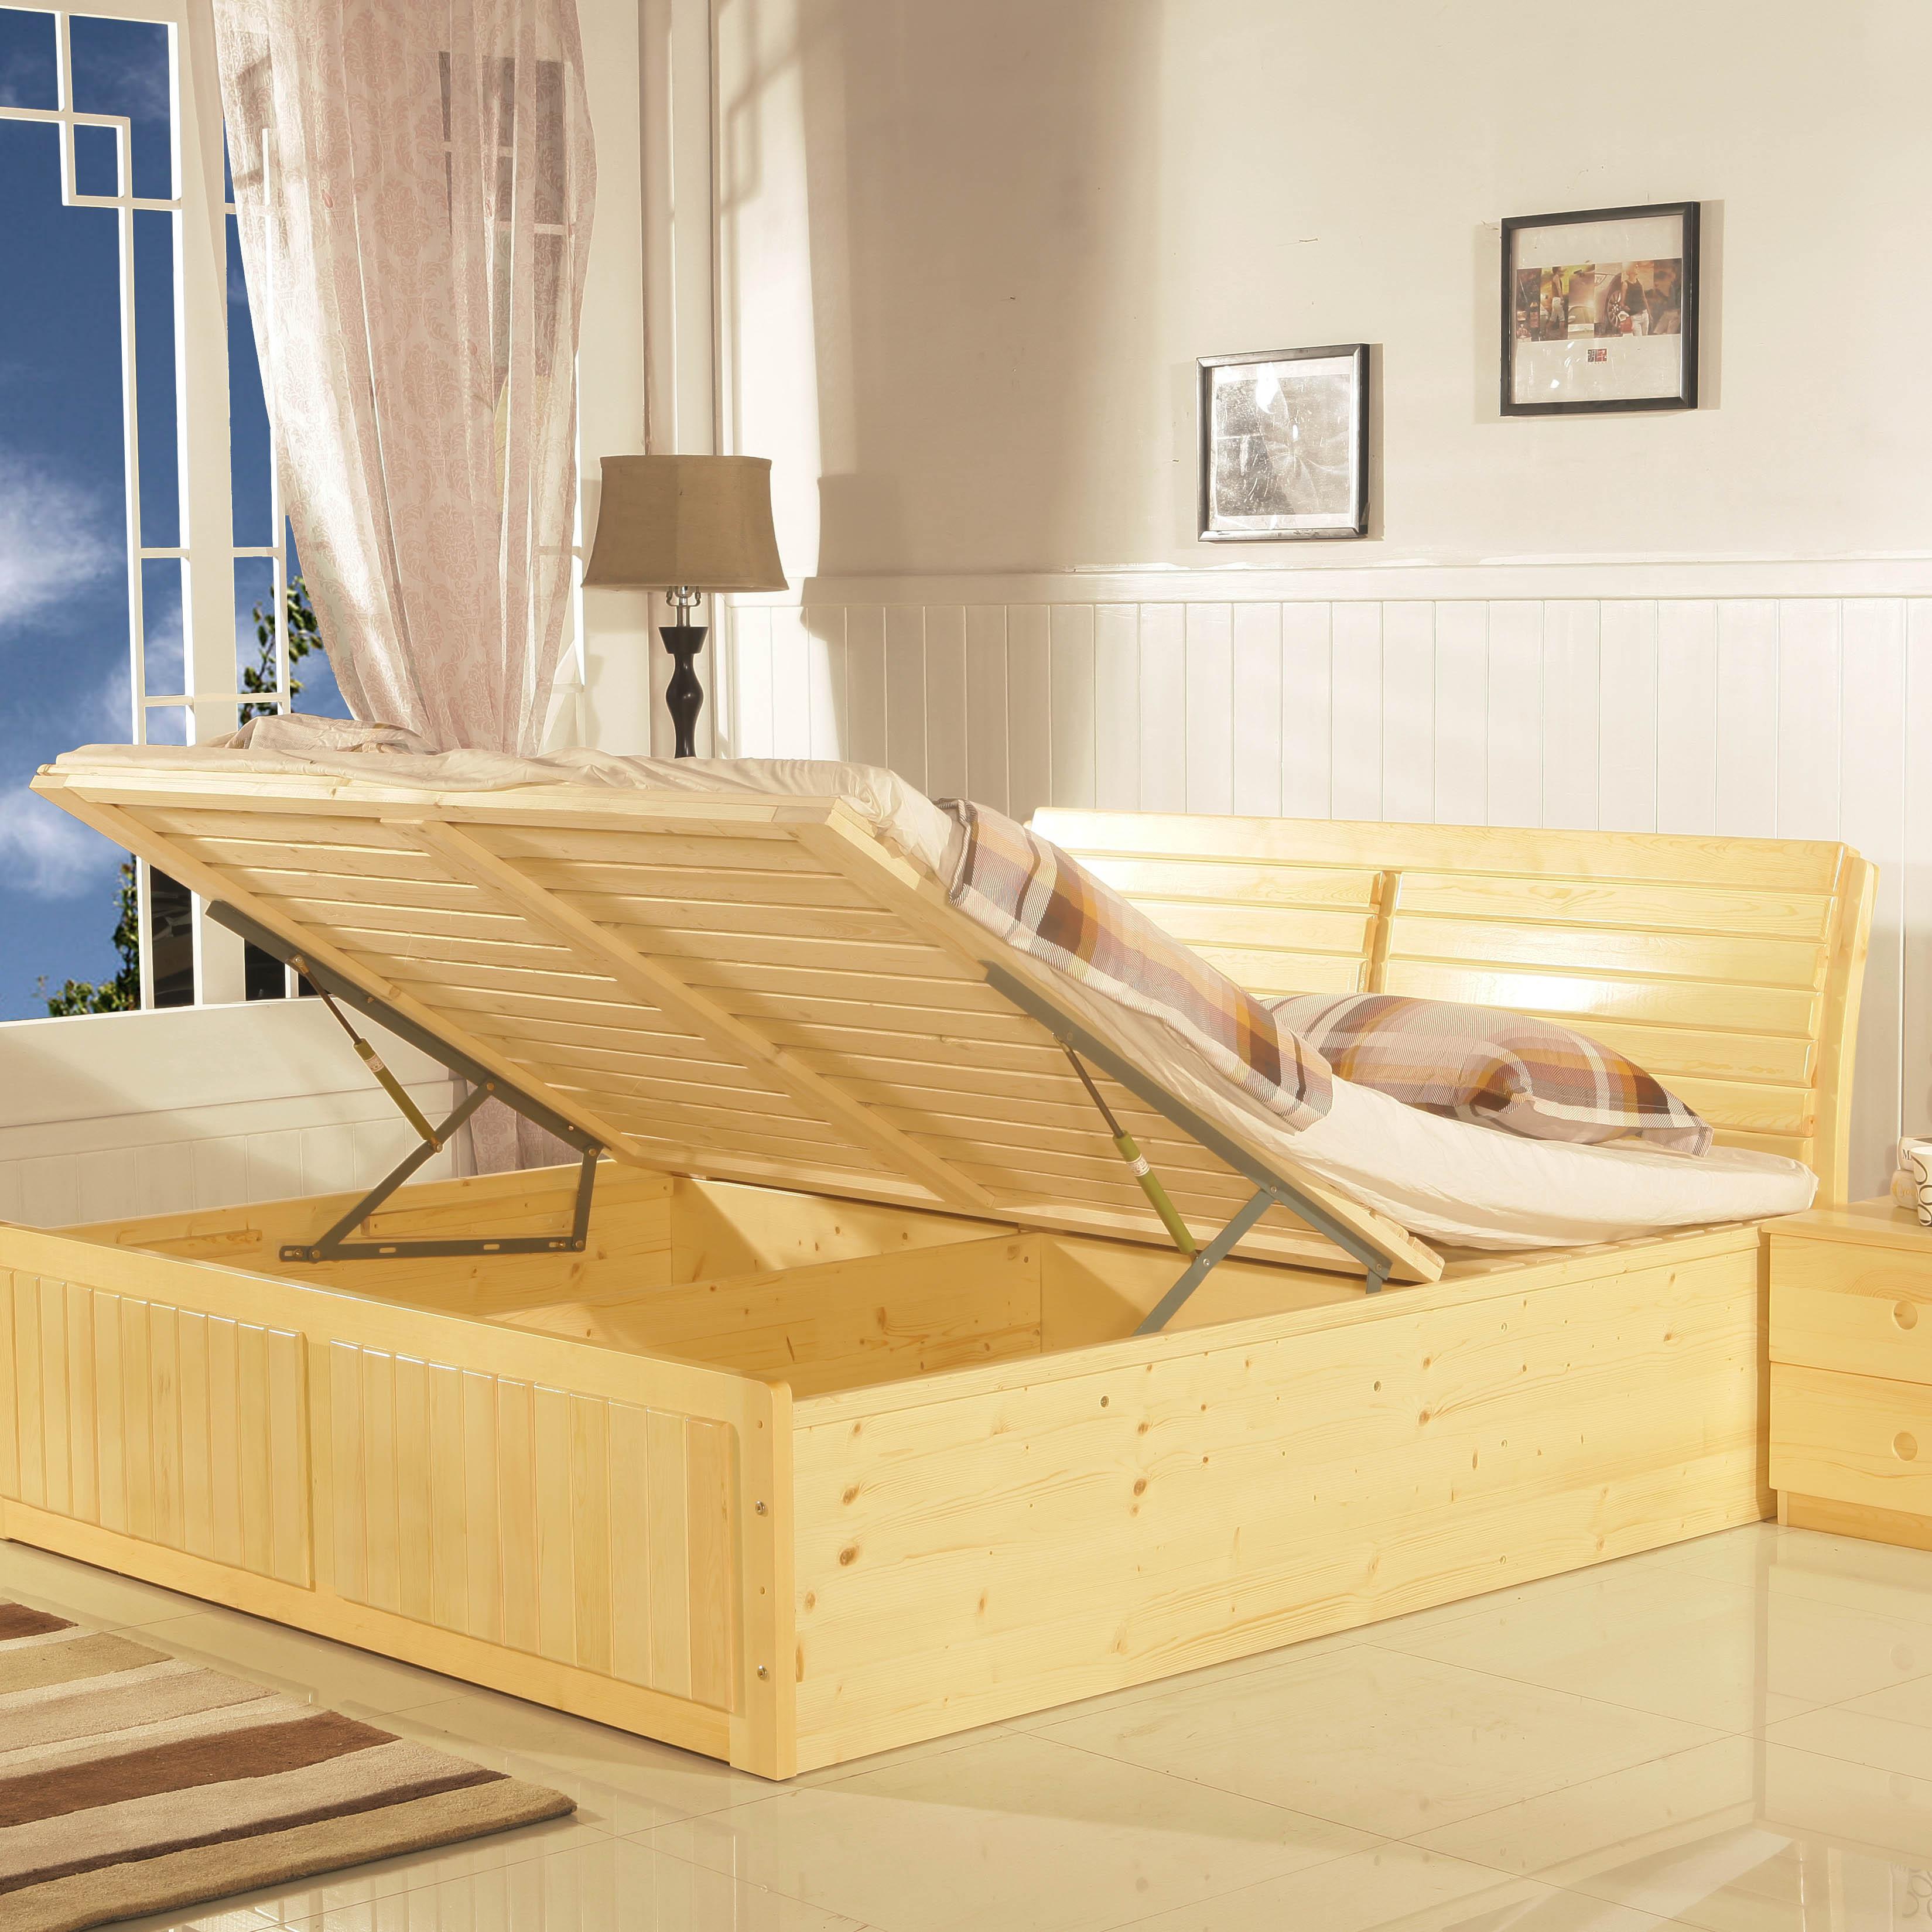 Кровать из массива дерева Zywg  1.2/1.5/1.8